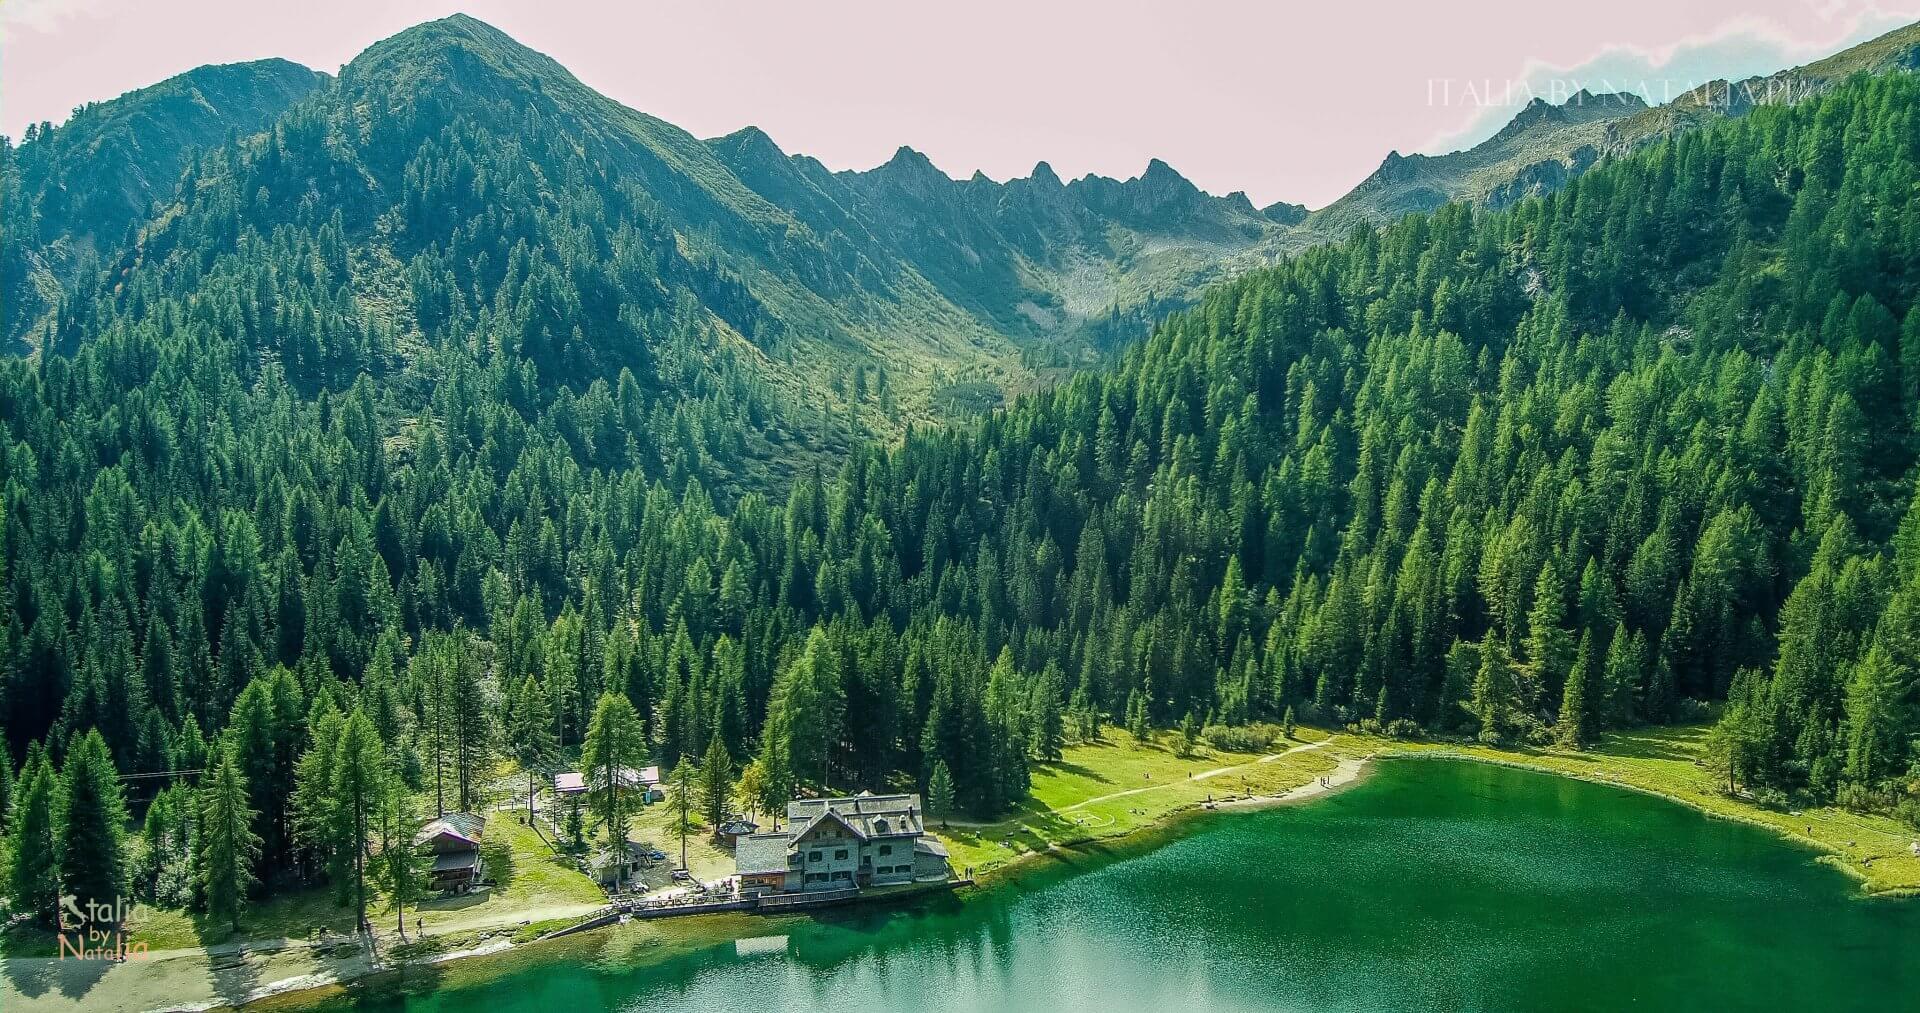 Jezioro Nambino łatwy szlak Park Adamello Brenta Madonna di Campiglio włoskie Alpy Retyckie